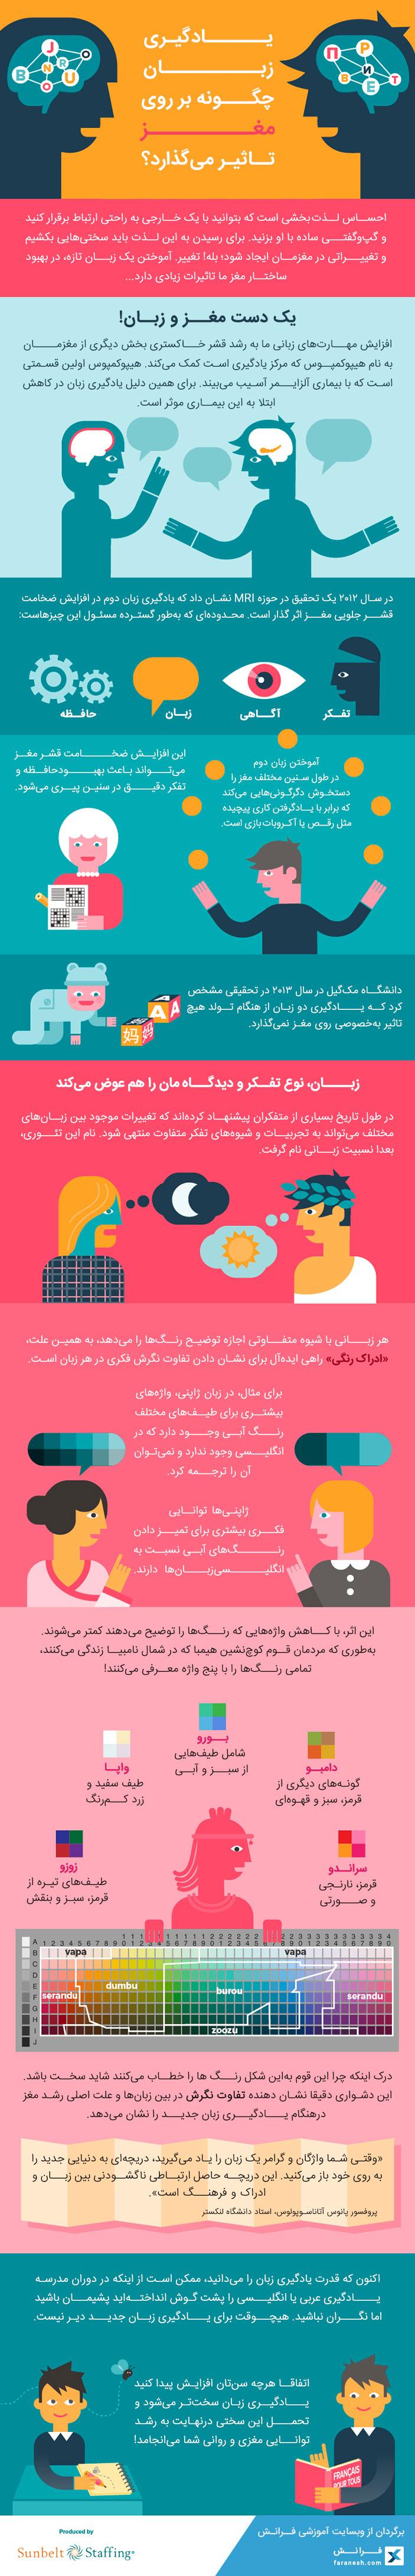 تصویر اینفوگرافی تاثیر یادگیری زبان روی مغز